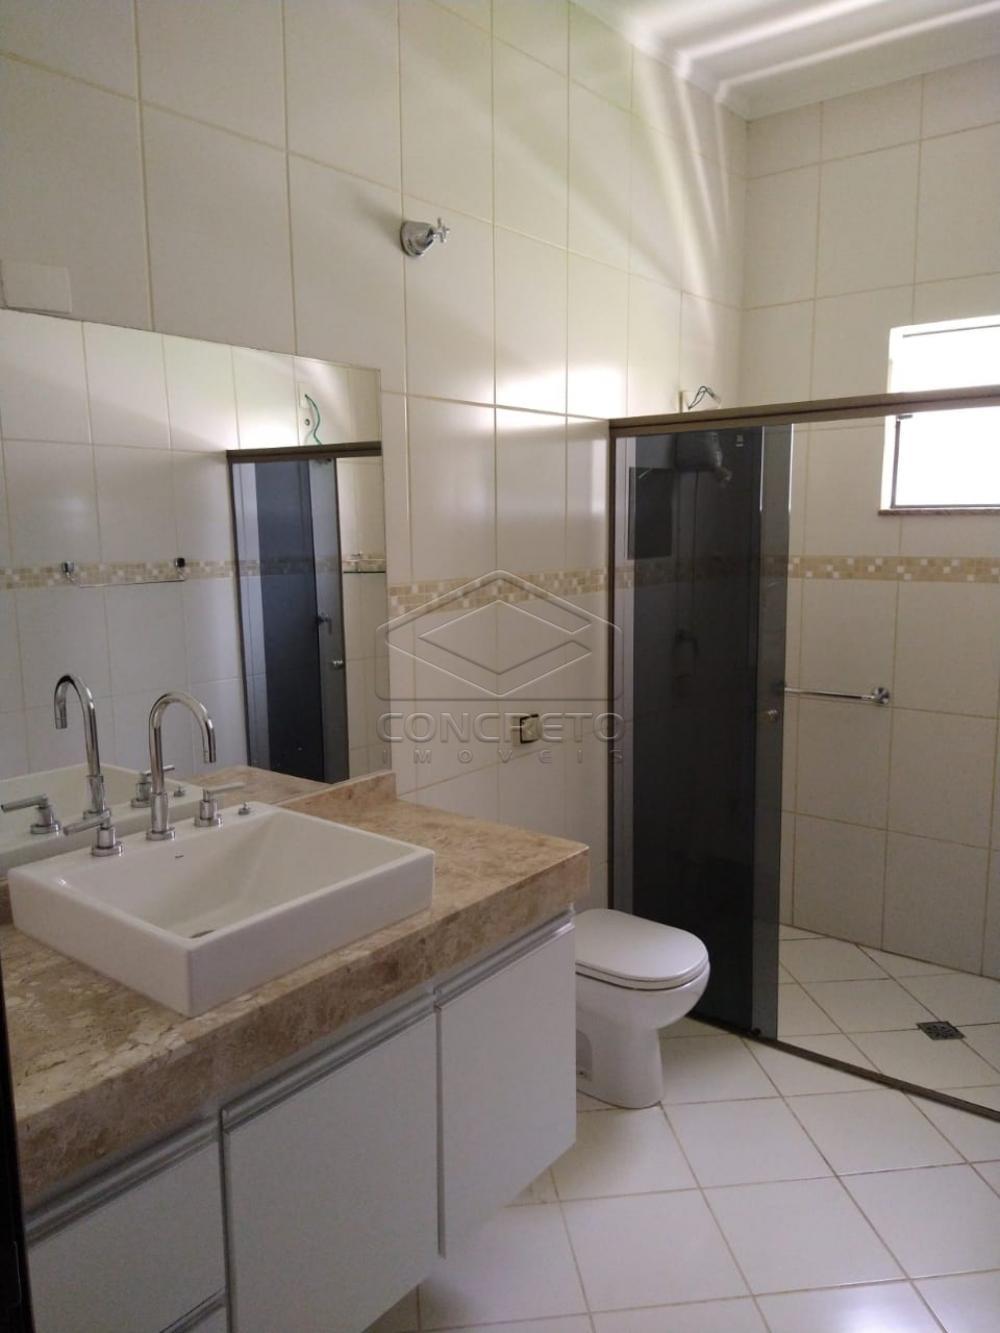 Alugar Casa / Residencia em Lençóis Paulista apenas R$ 4.000,00 - Foto 14